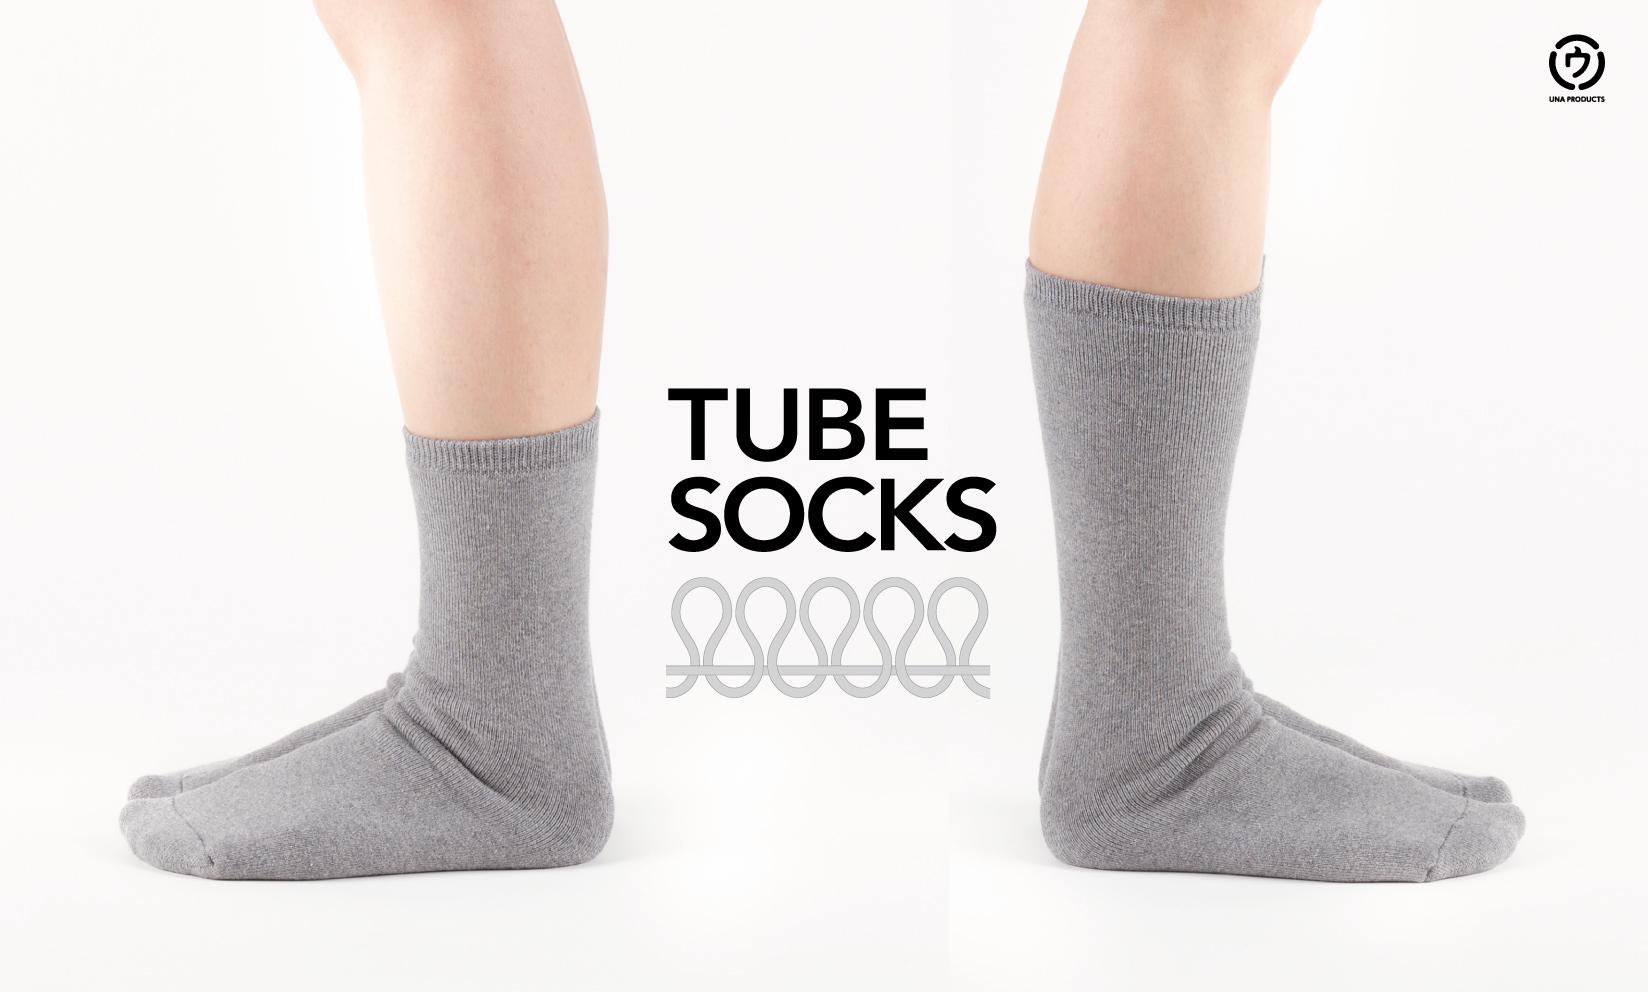 TUBE SOCKS / かかとがない靴下。総パイル編みで暖かな履き心地